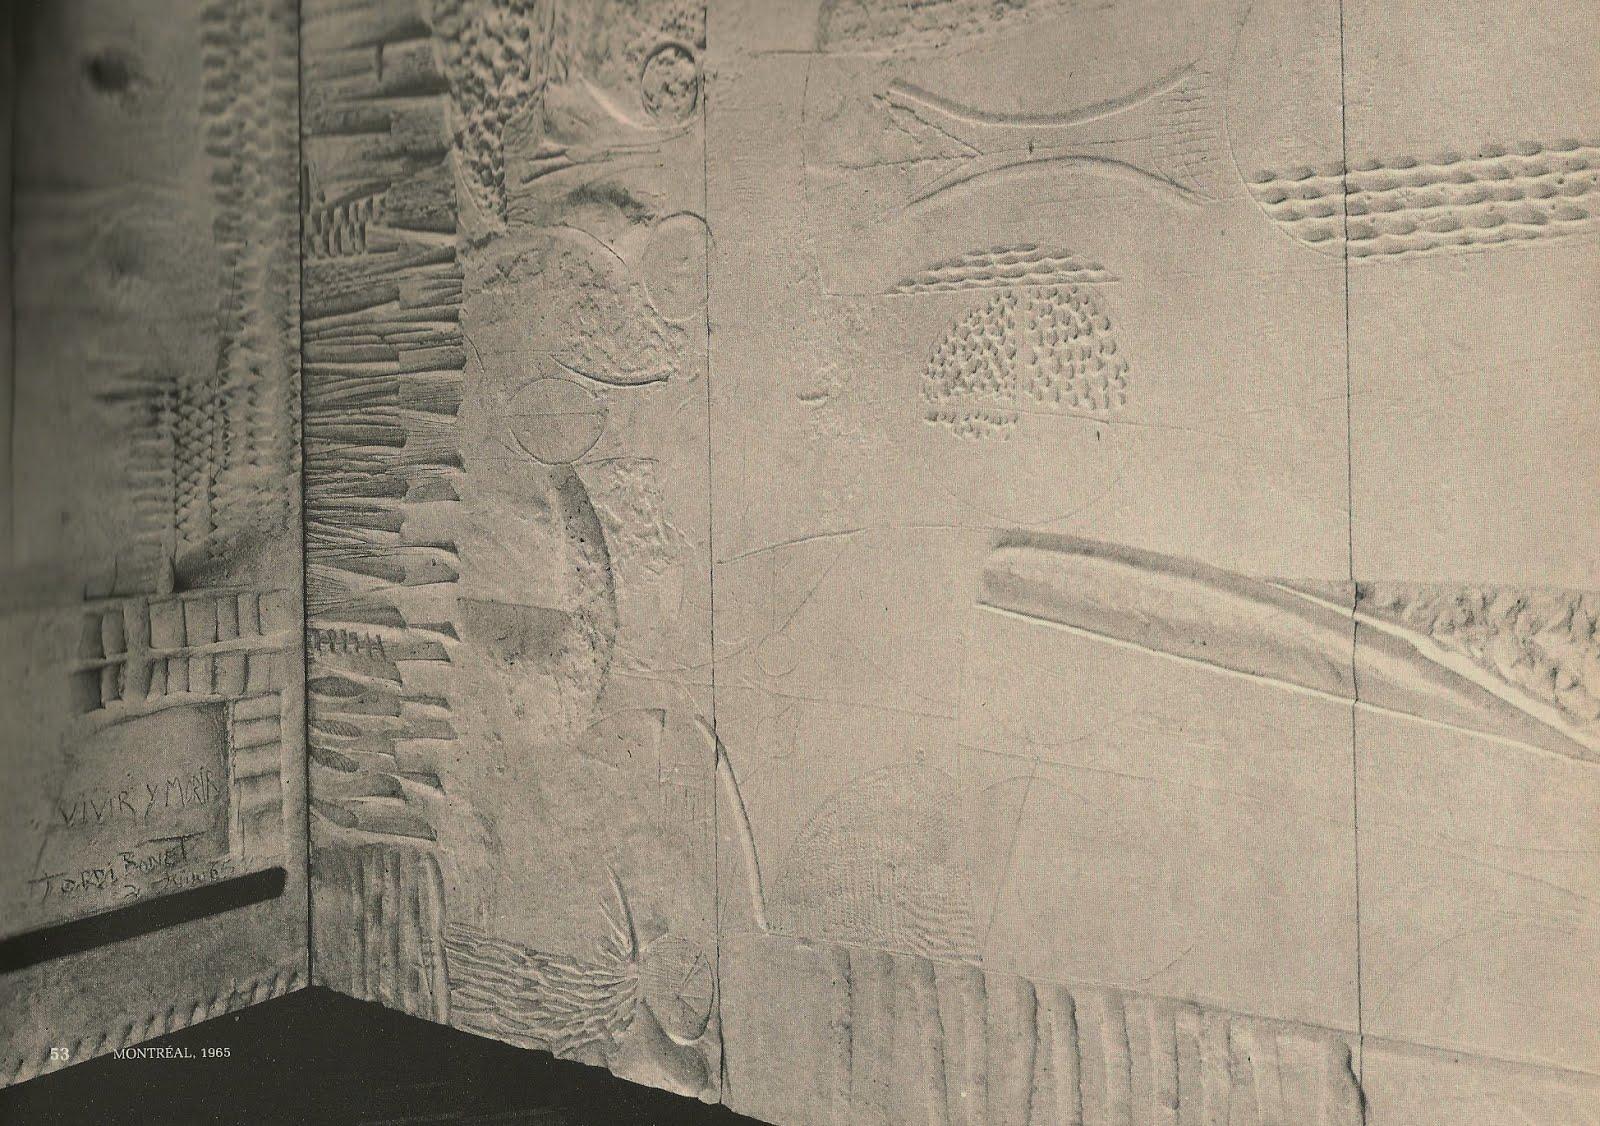 1965-MUSÉE D'ART CONTEMPORAIN MONTRÉAL (ENTREPOSÉE)